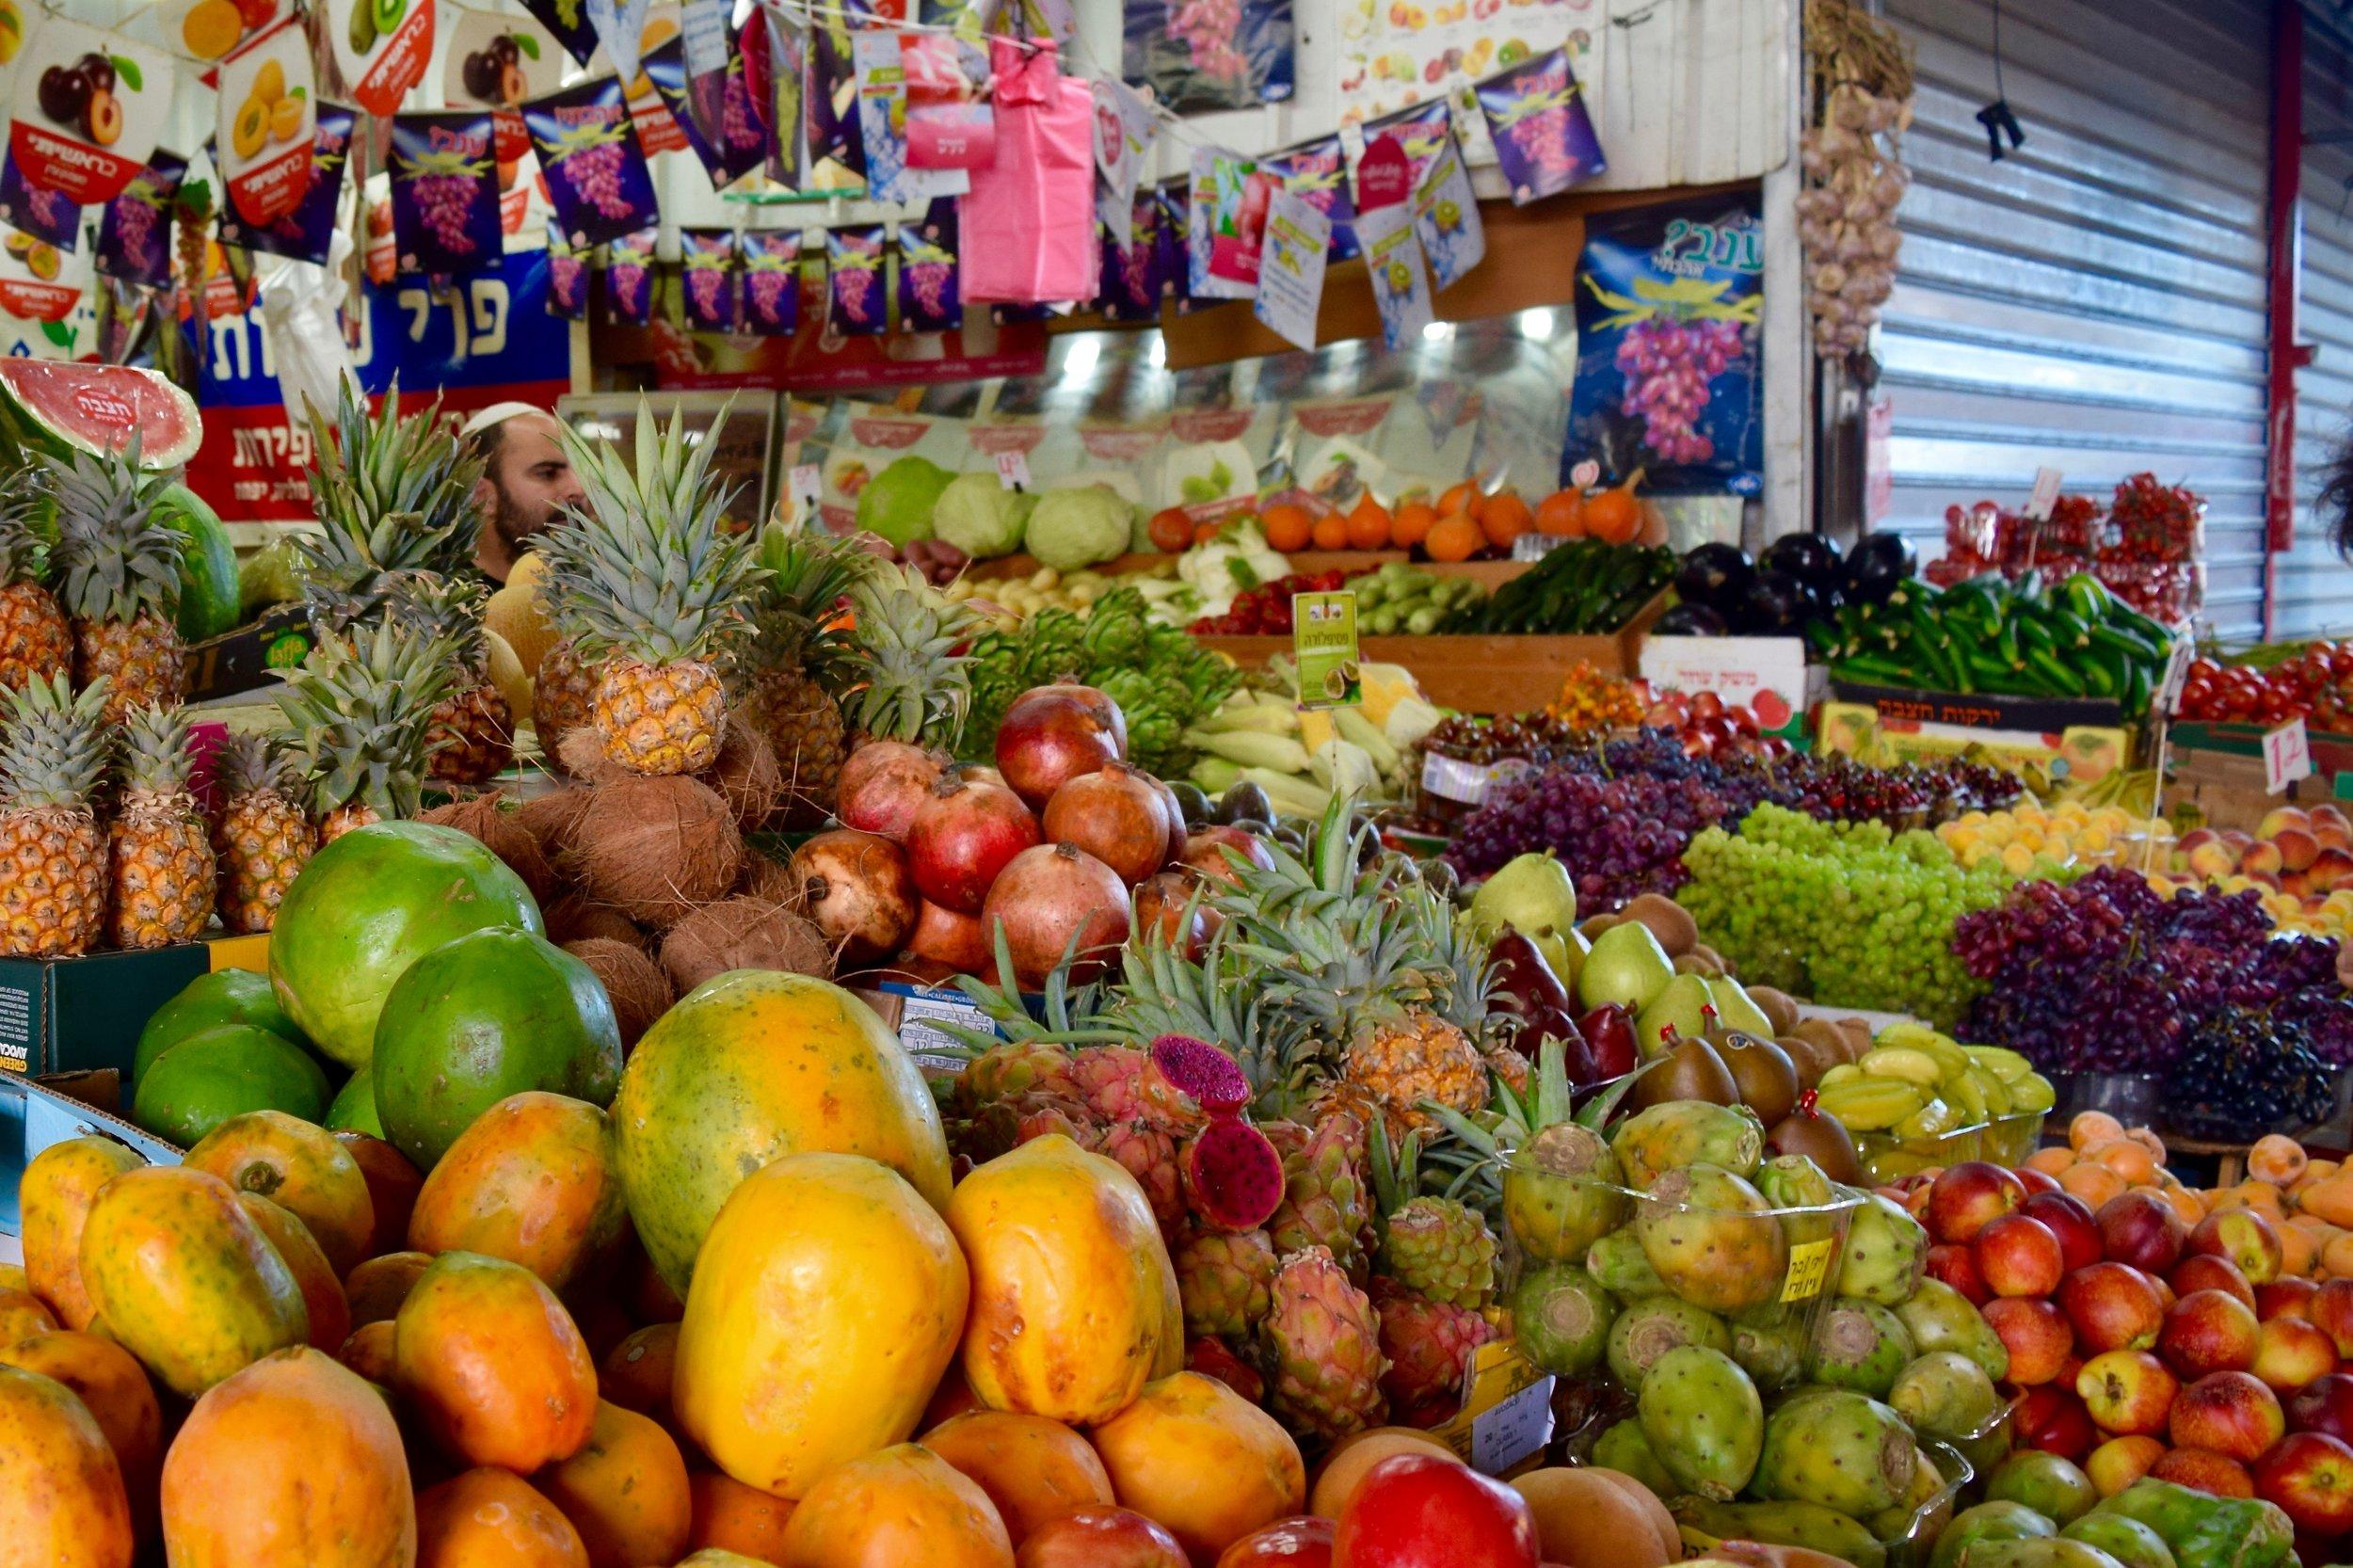 Fruit stall in the Carmel Market